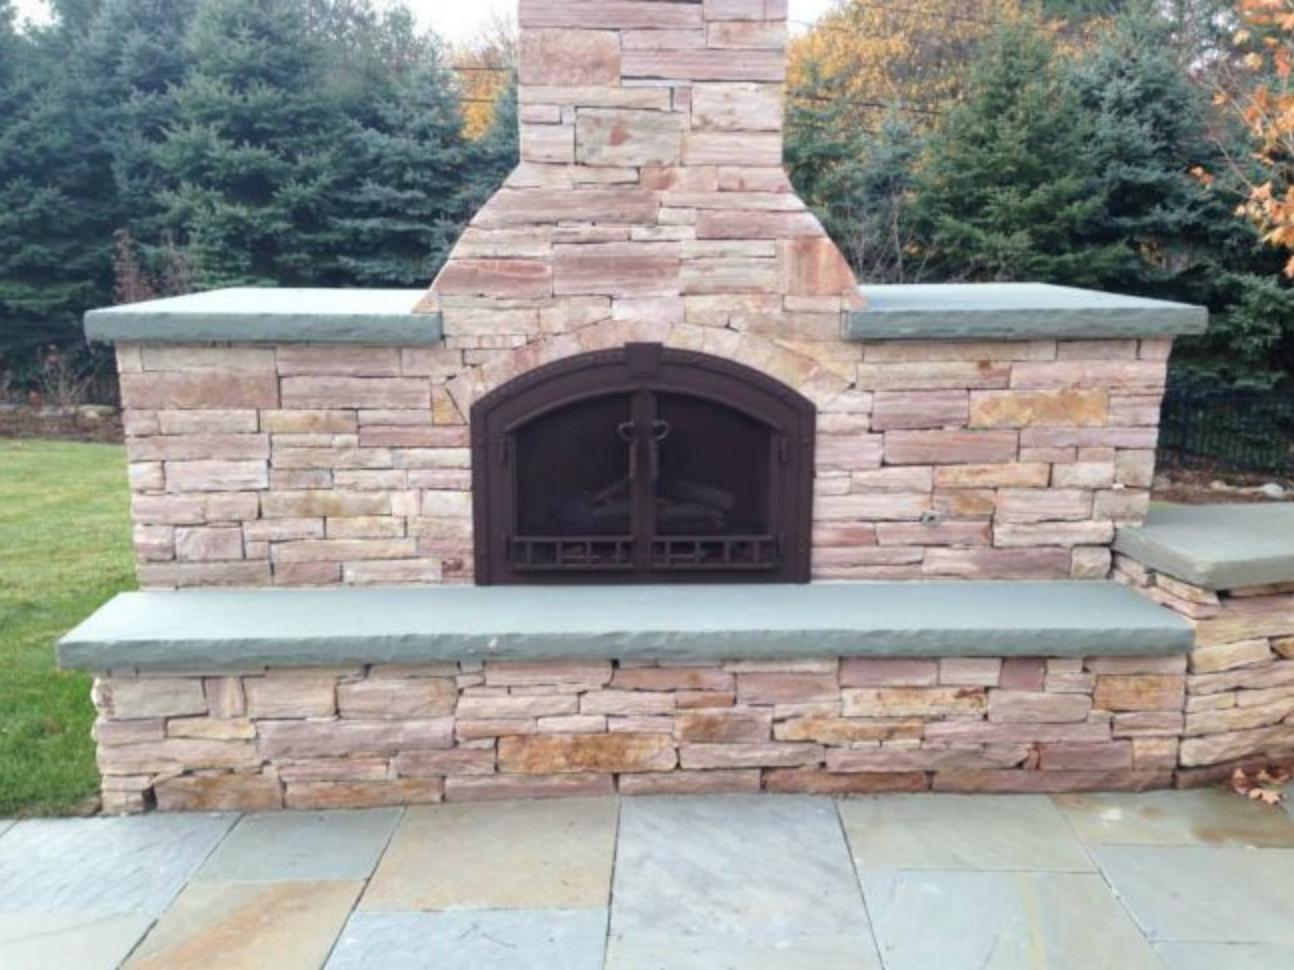 Stoll Outdoor Fireplace door